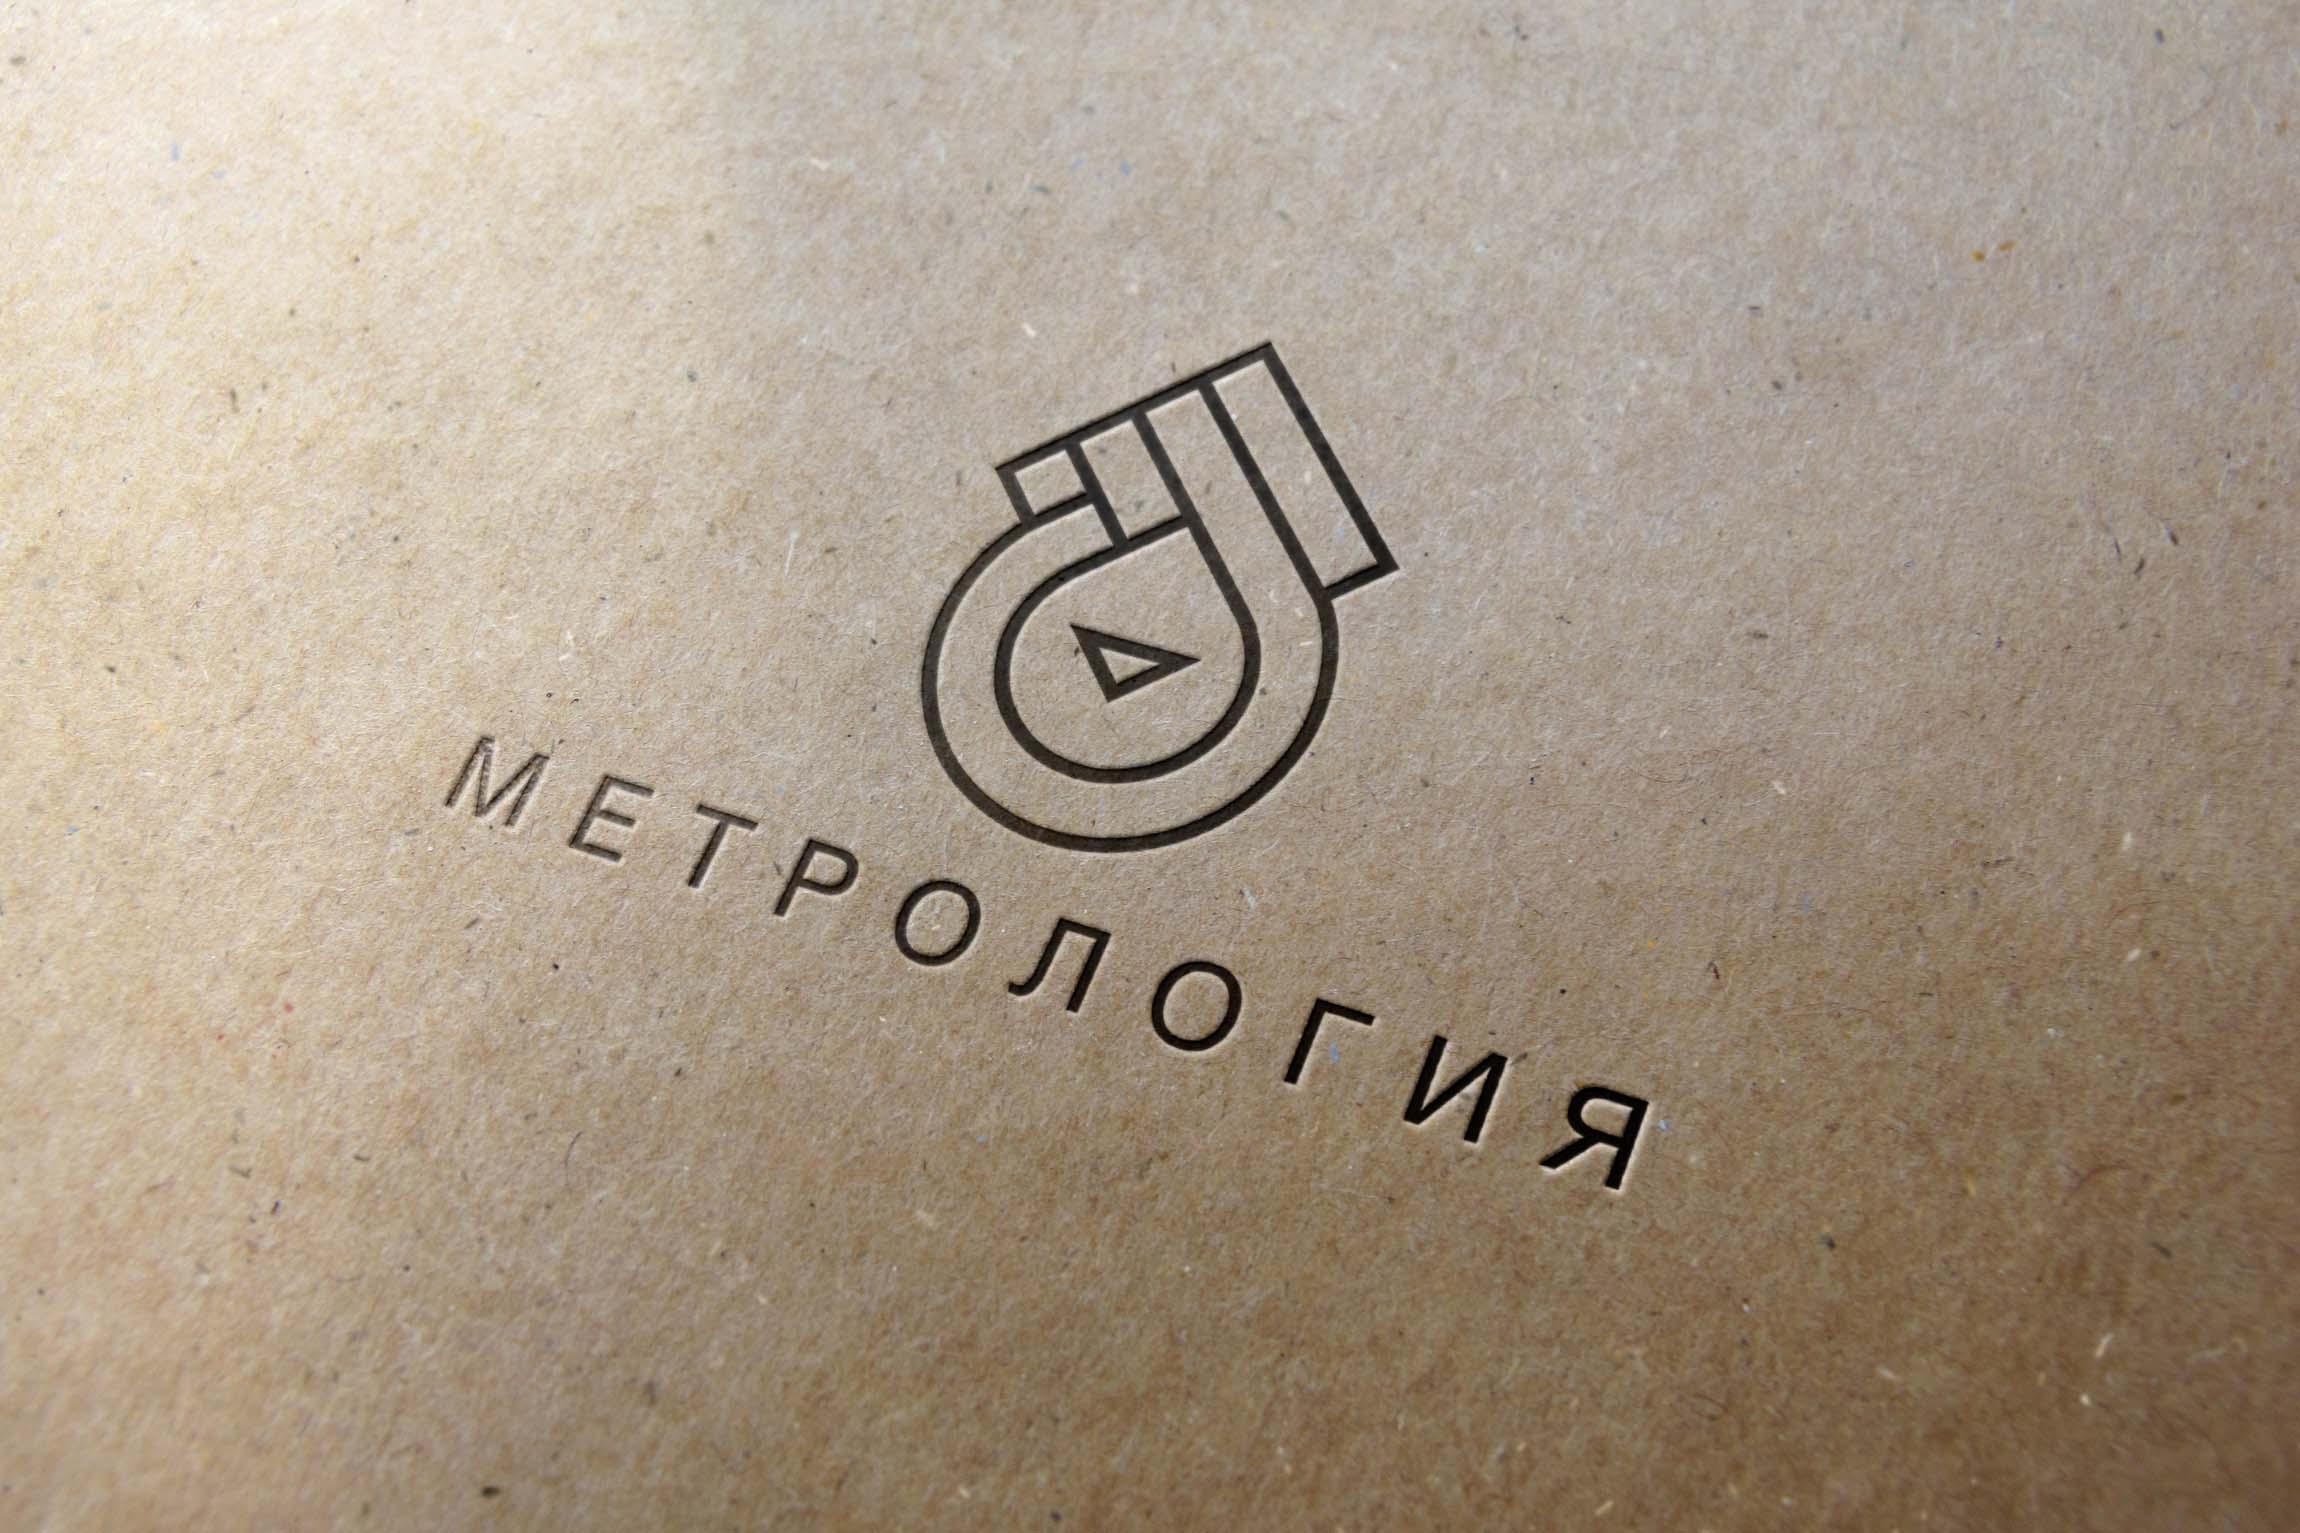 Разработать логотип, визитку, фирменный бланк. фото f_41658f8c7f63a168.jpg